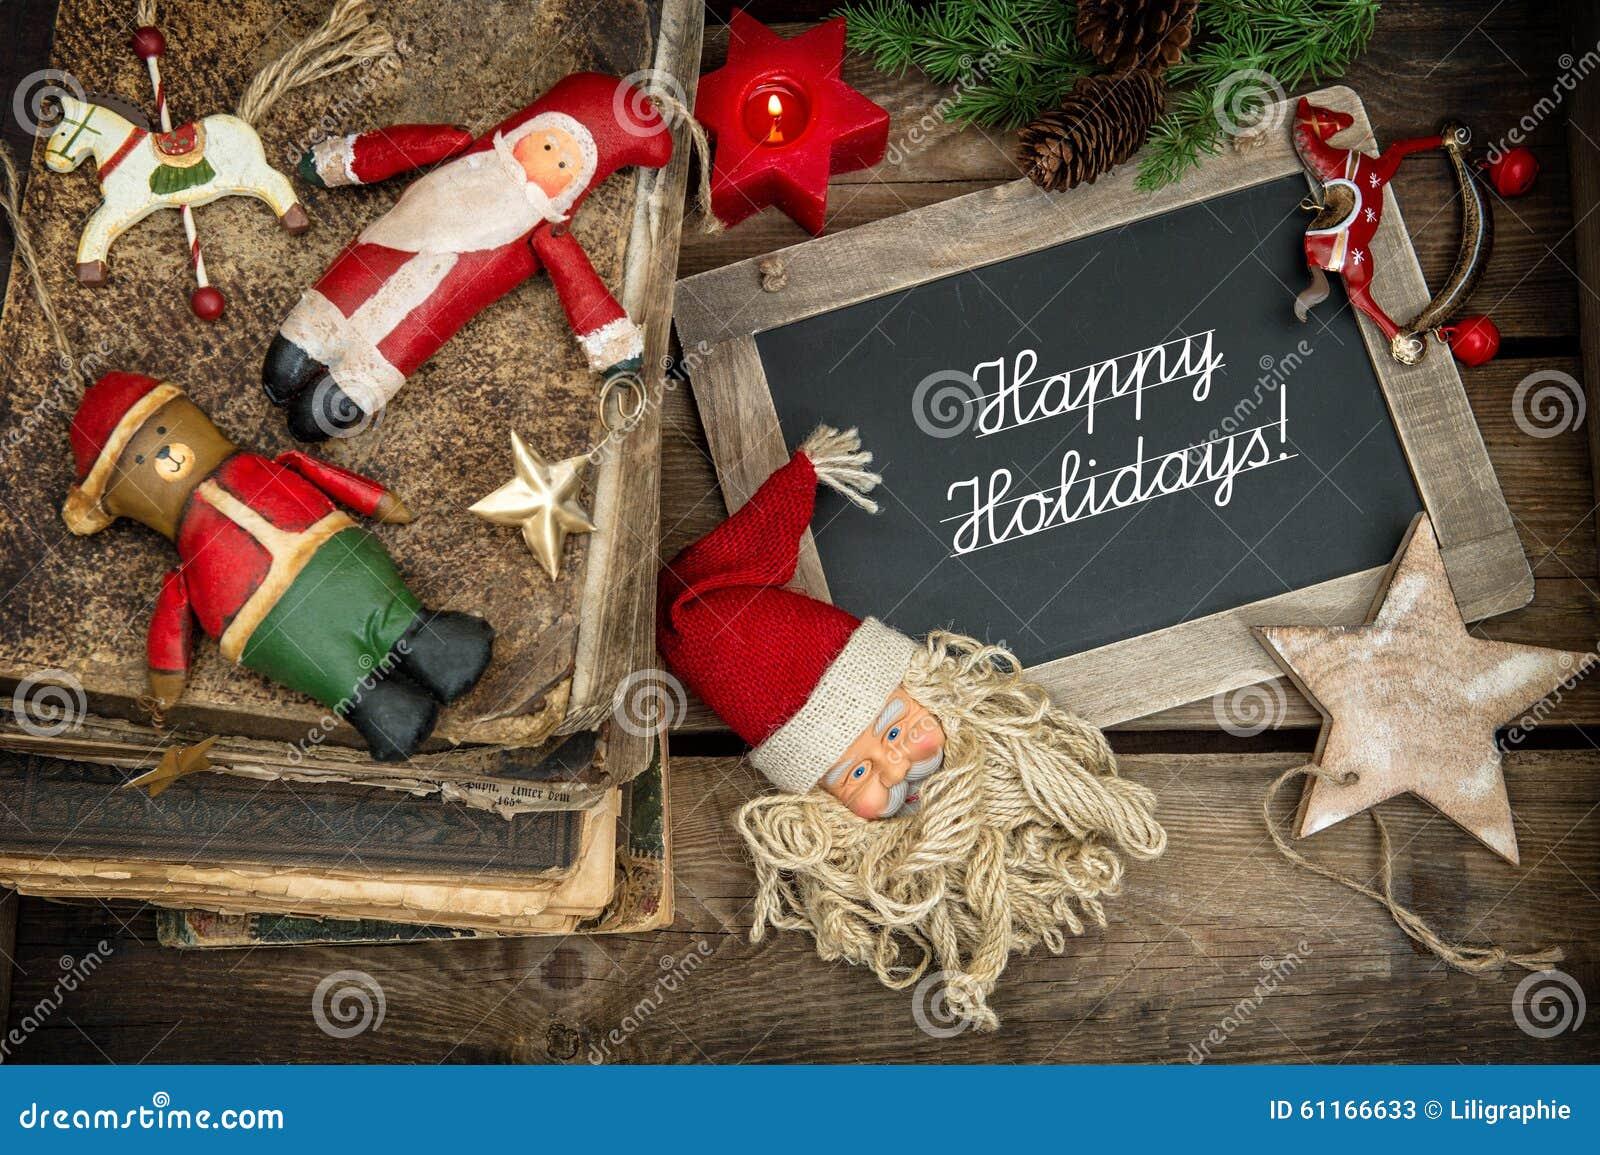 Chucherías Decoración Las Los Y Juguetes De Del Navidad La Con wNn8vm0